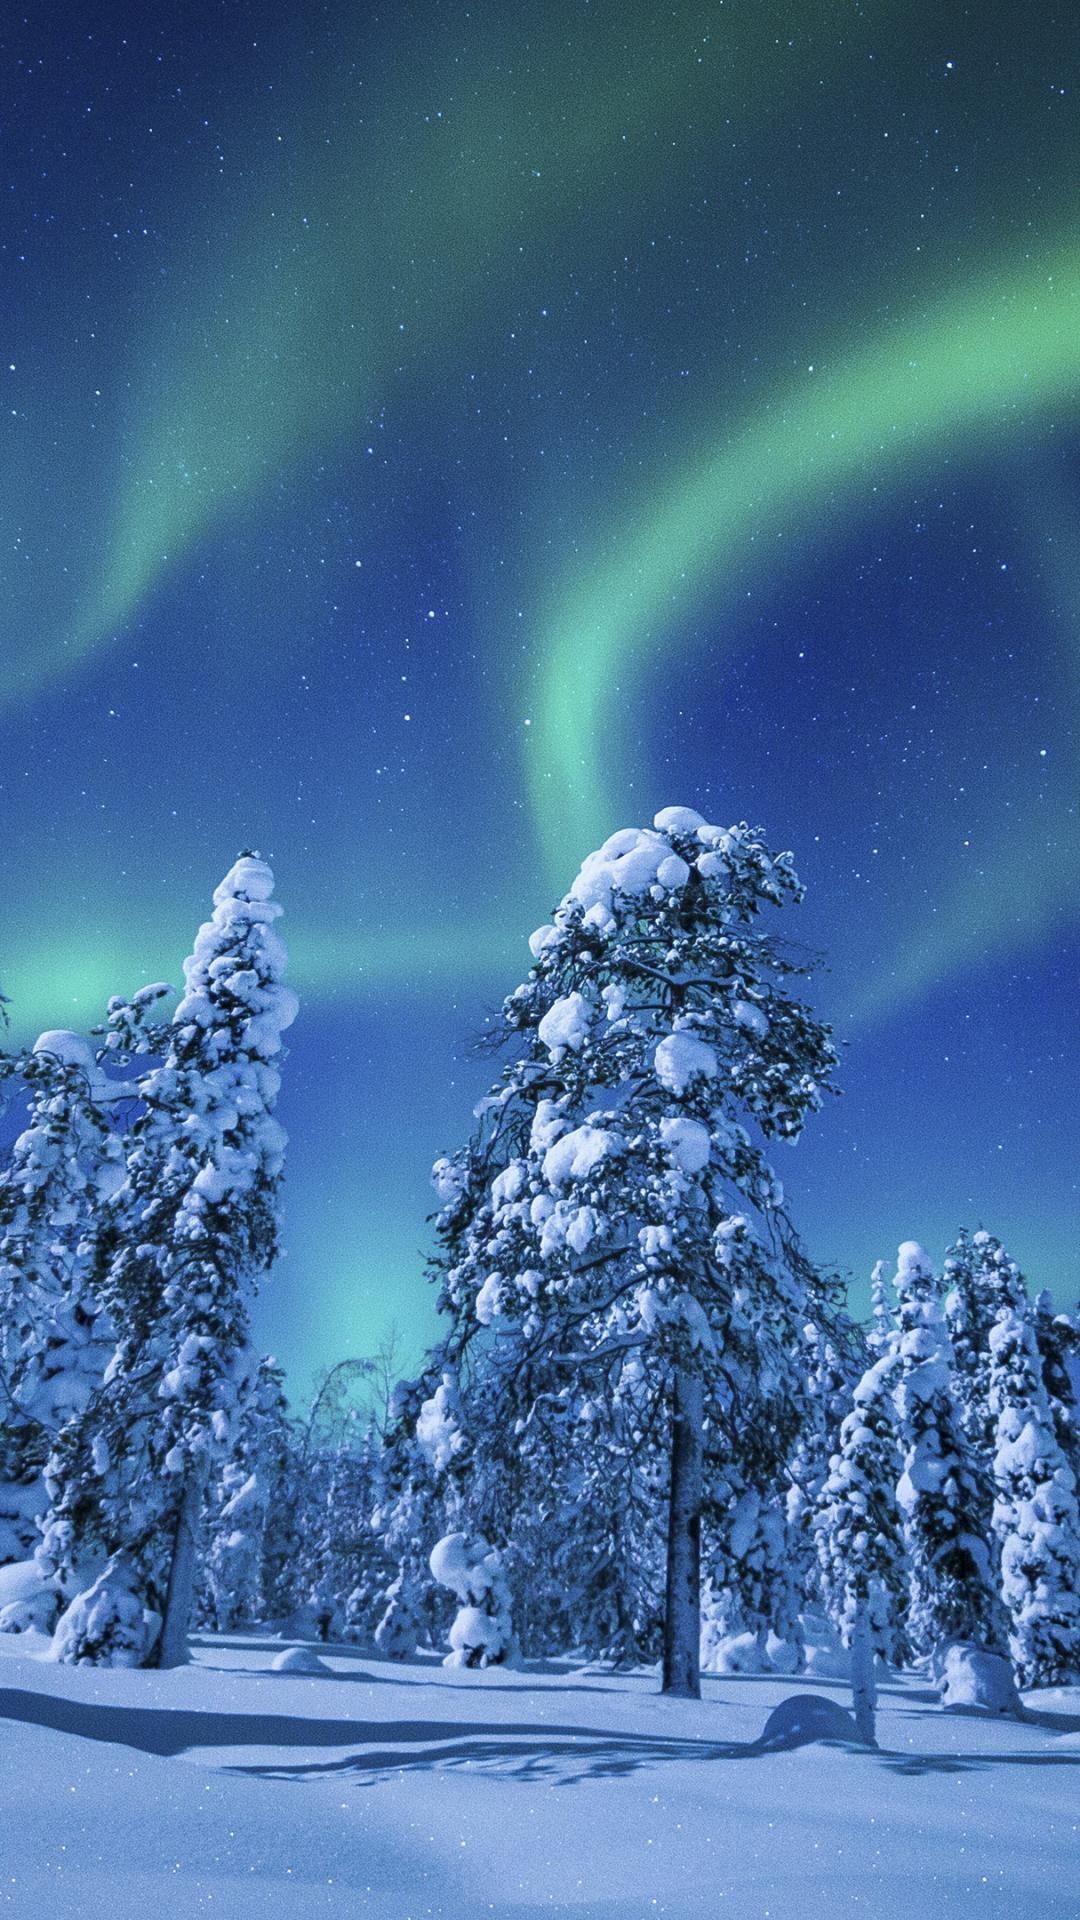 wallpaper.wiki-Picture-of-Aurora-Borealis-for-Mobile-